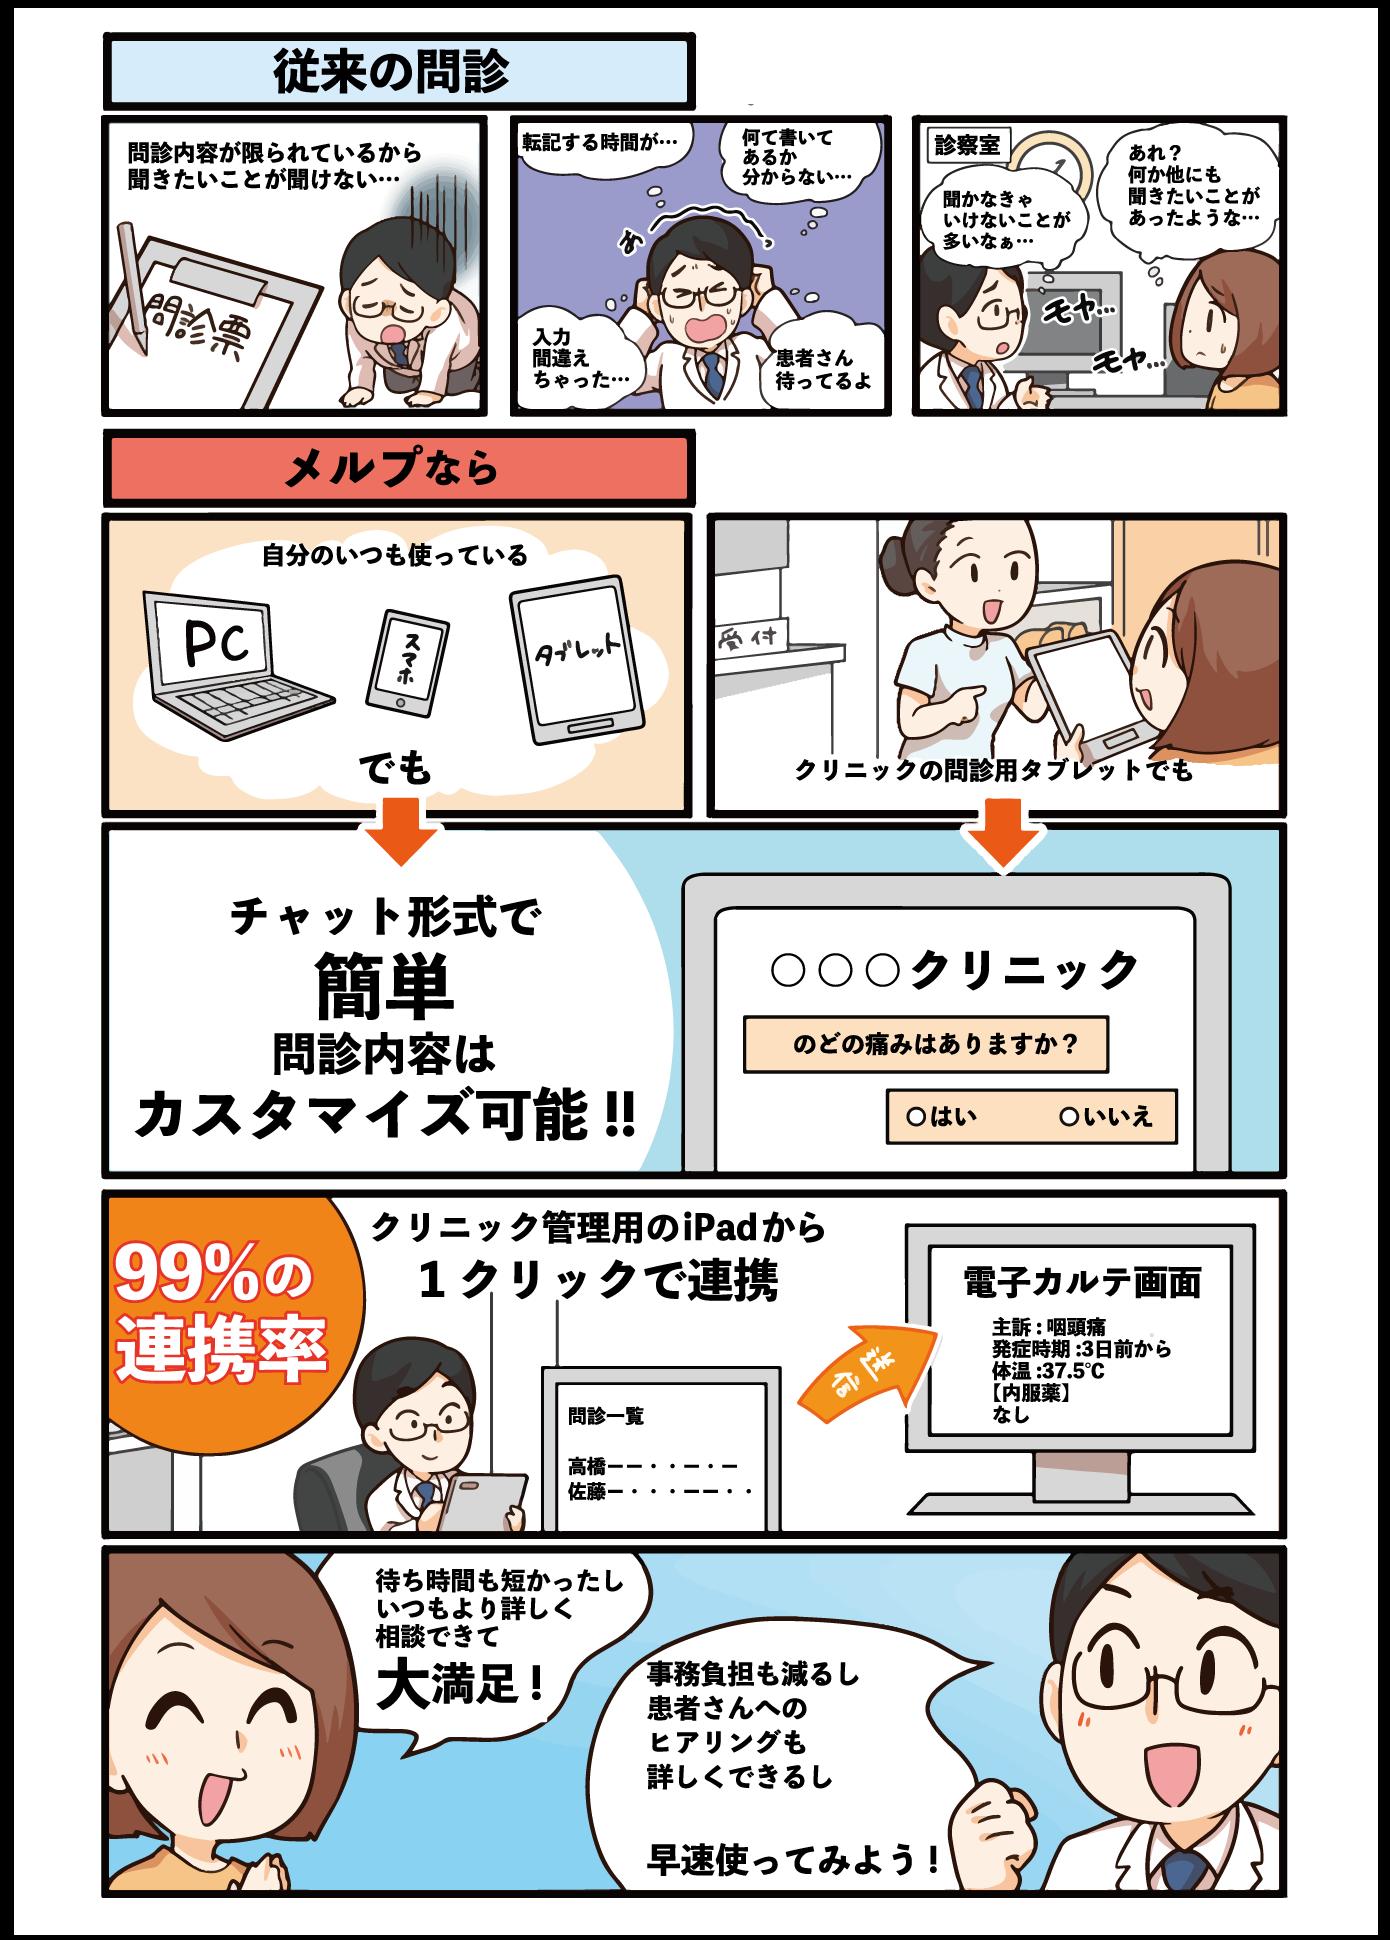 メルプWEB問診漫画